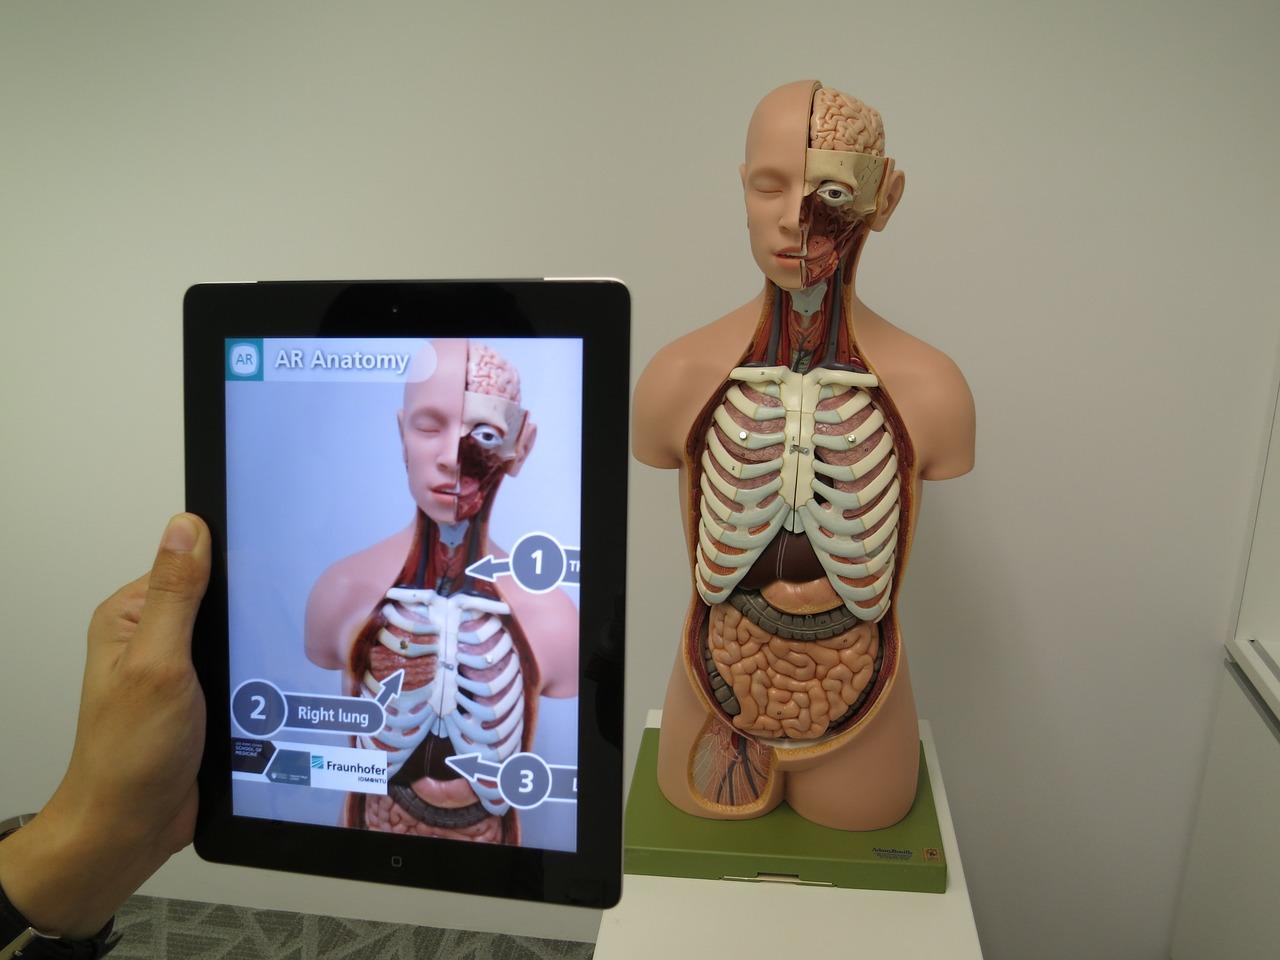 анатомия, медицина, дополнительная реальность